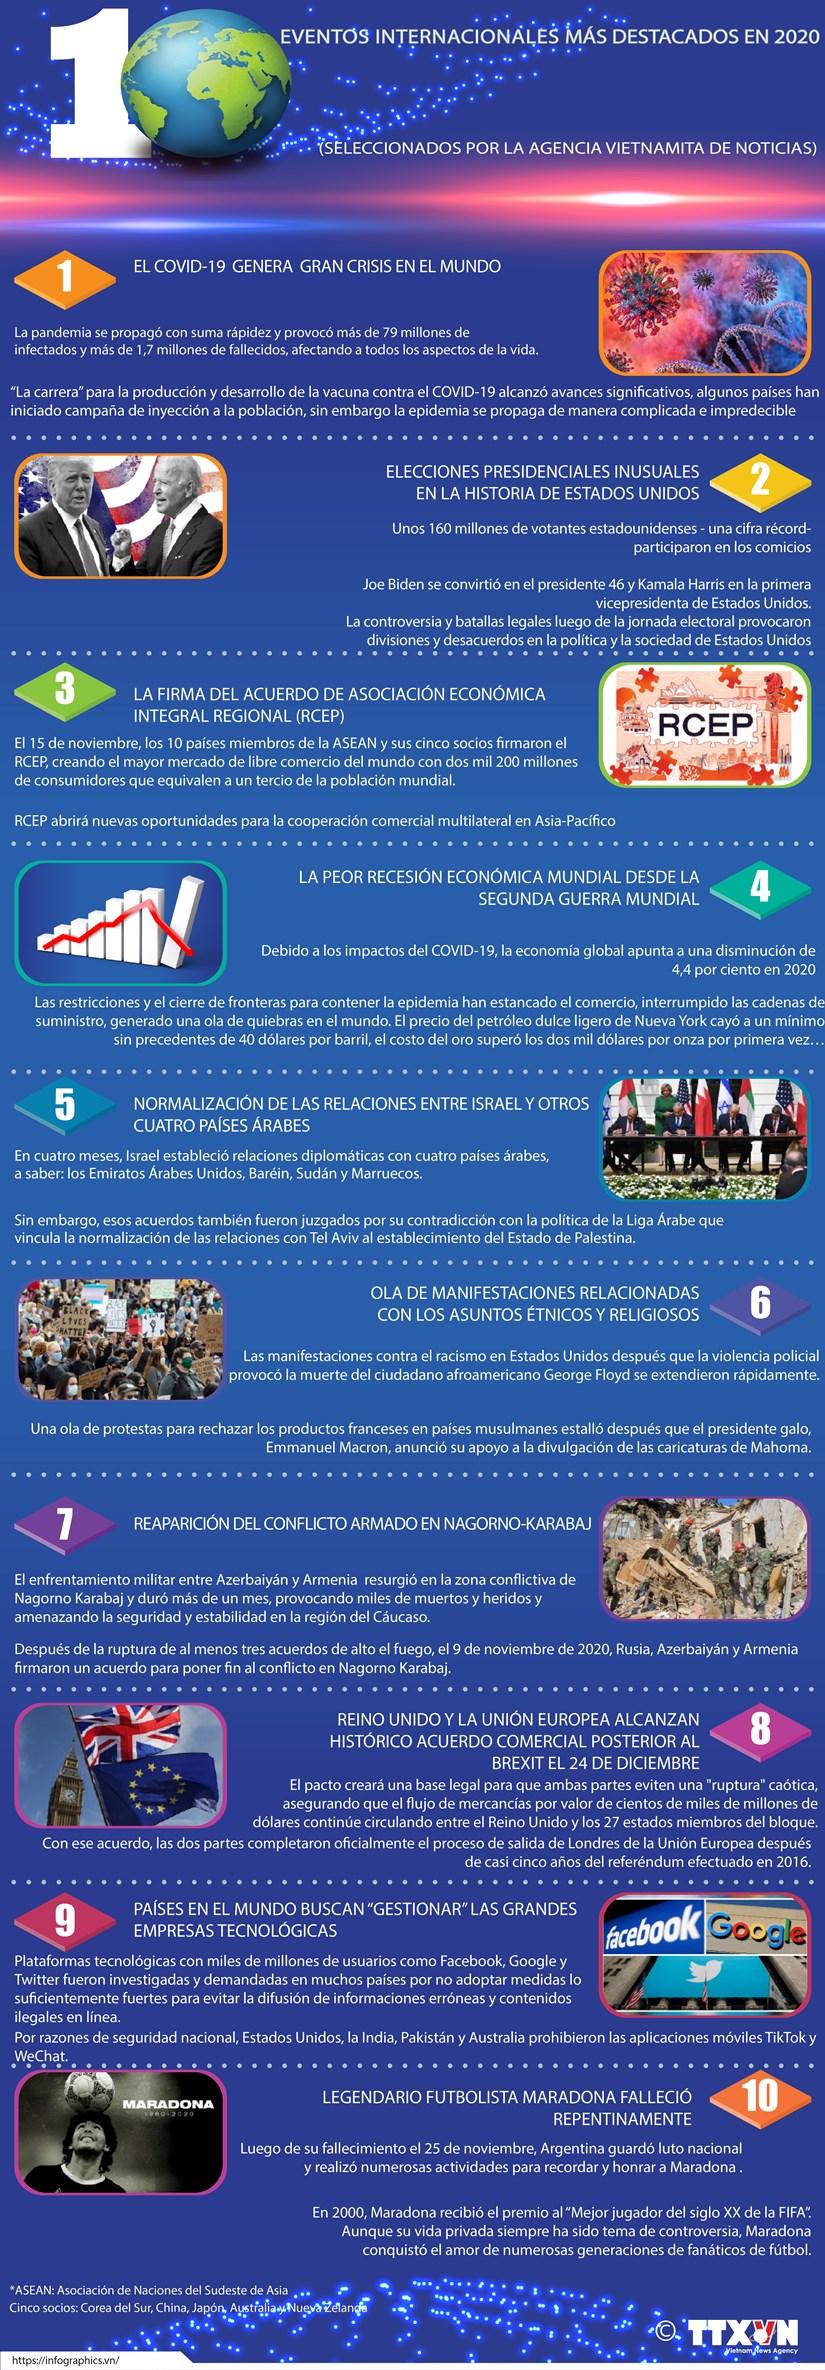 Diez eventos internacionales mas destacados en 2020 seleccionados por la VNA hinh anh 1